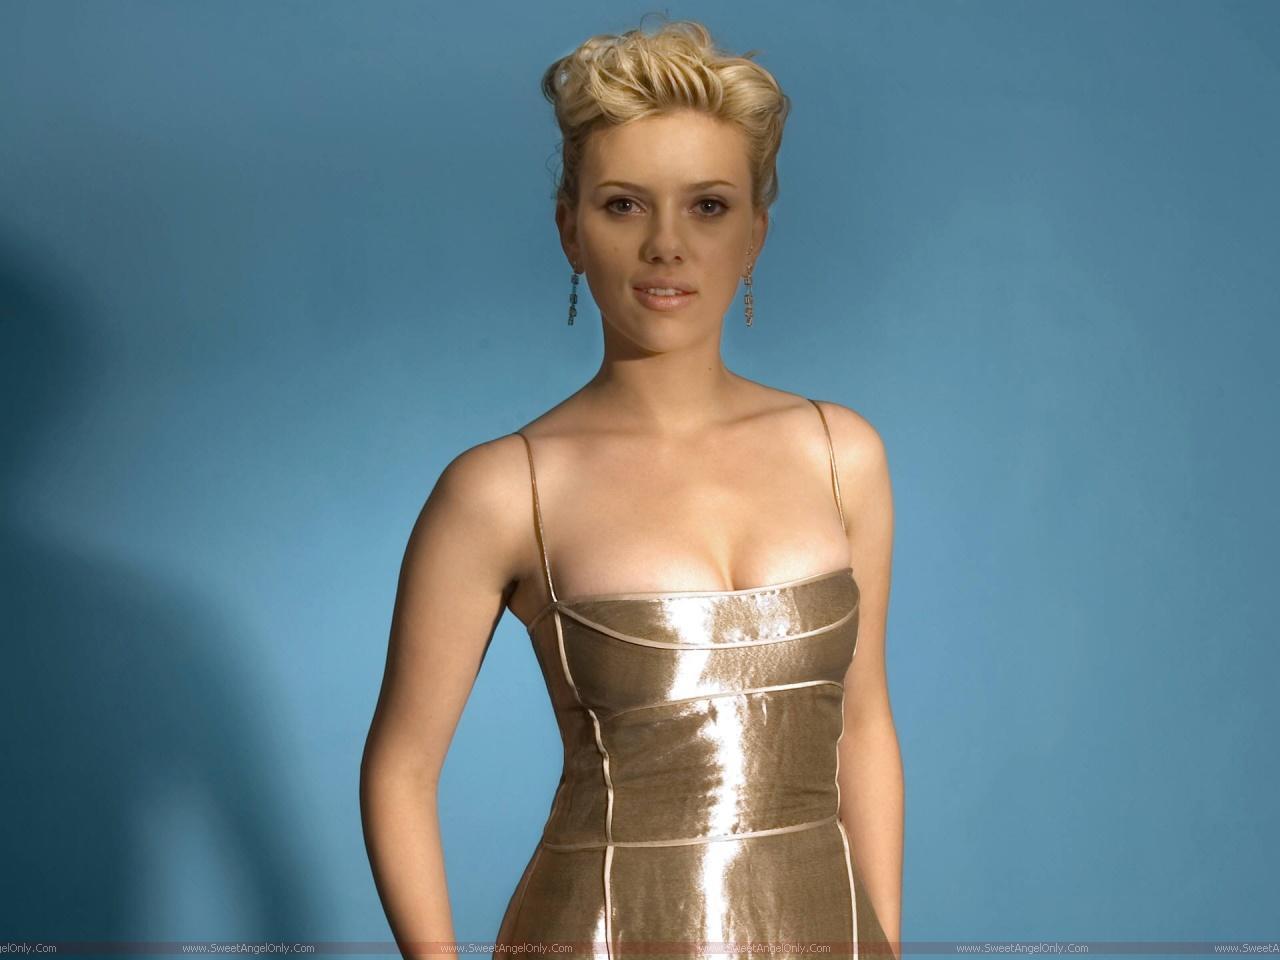 http://4.bp.blogspot.com/-imrLMhPwXVU/TwbzEloX-9I/AAAAAAAABQs/pn9KJd6NbZM/s1600/Scarlett+Johansson+Beautiful+wallpaper+8.jpg